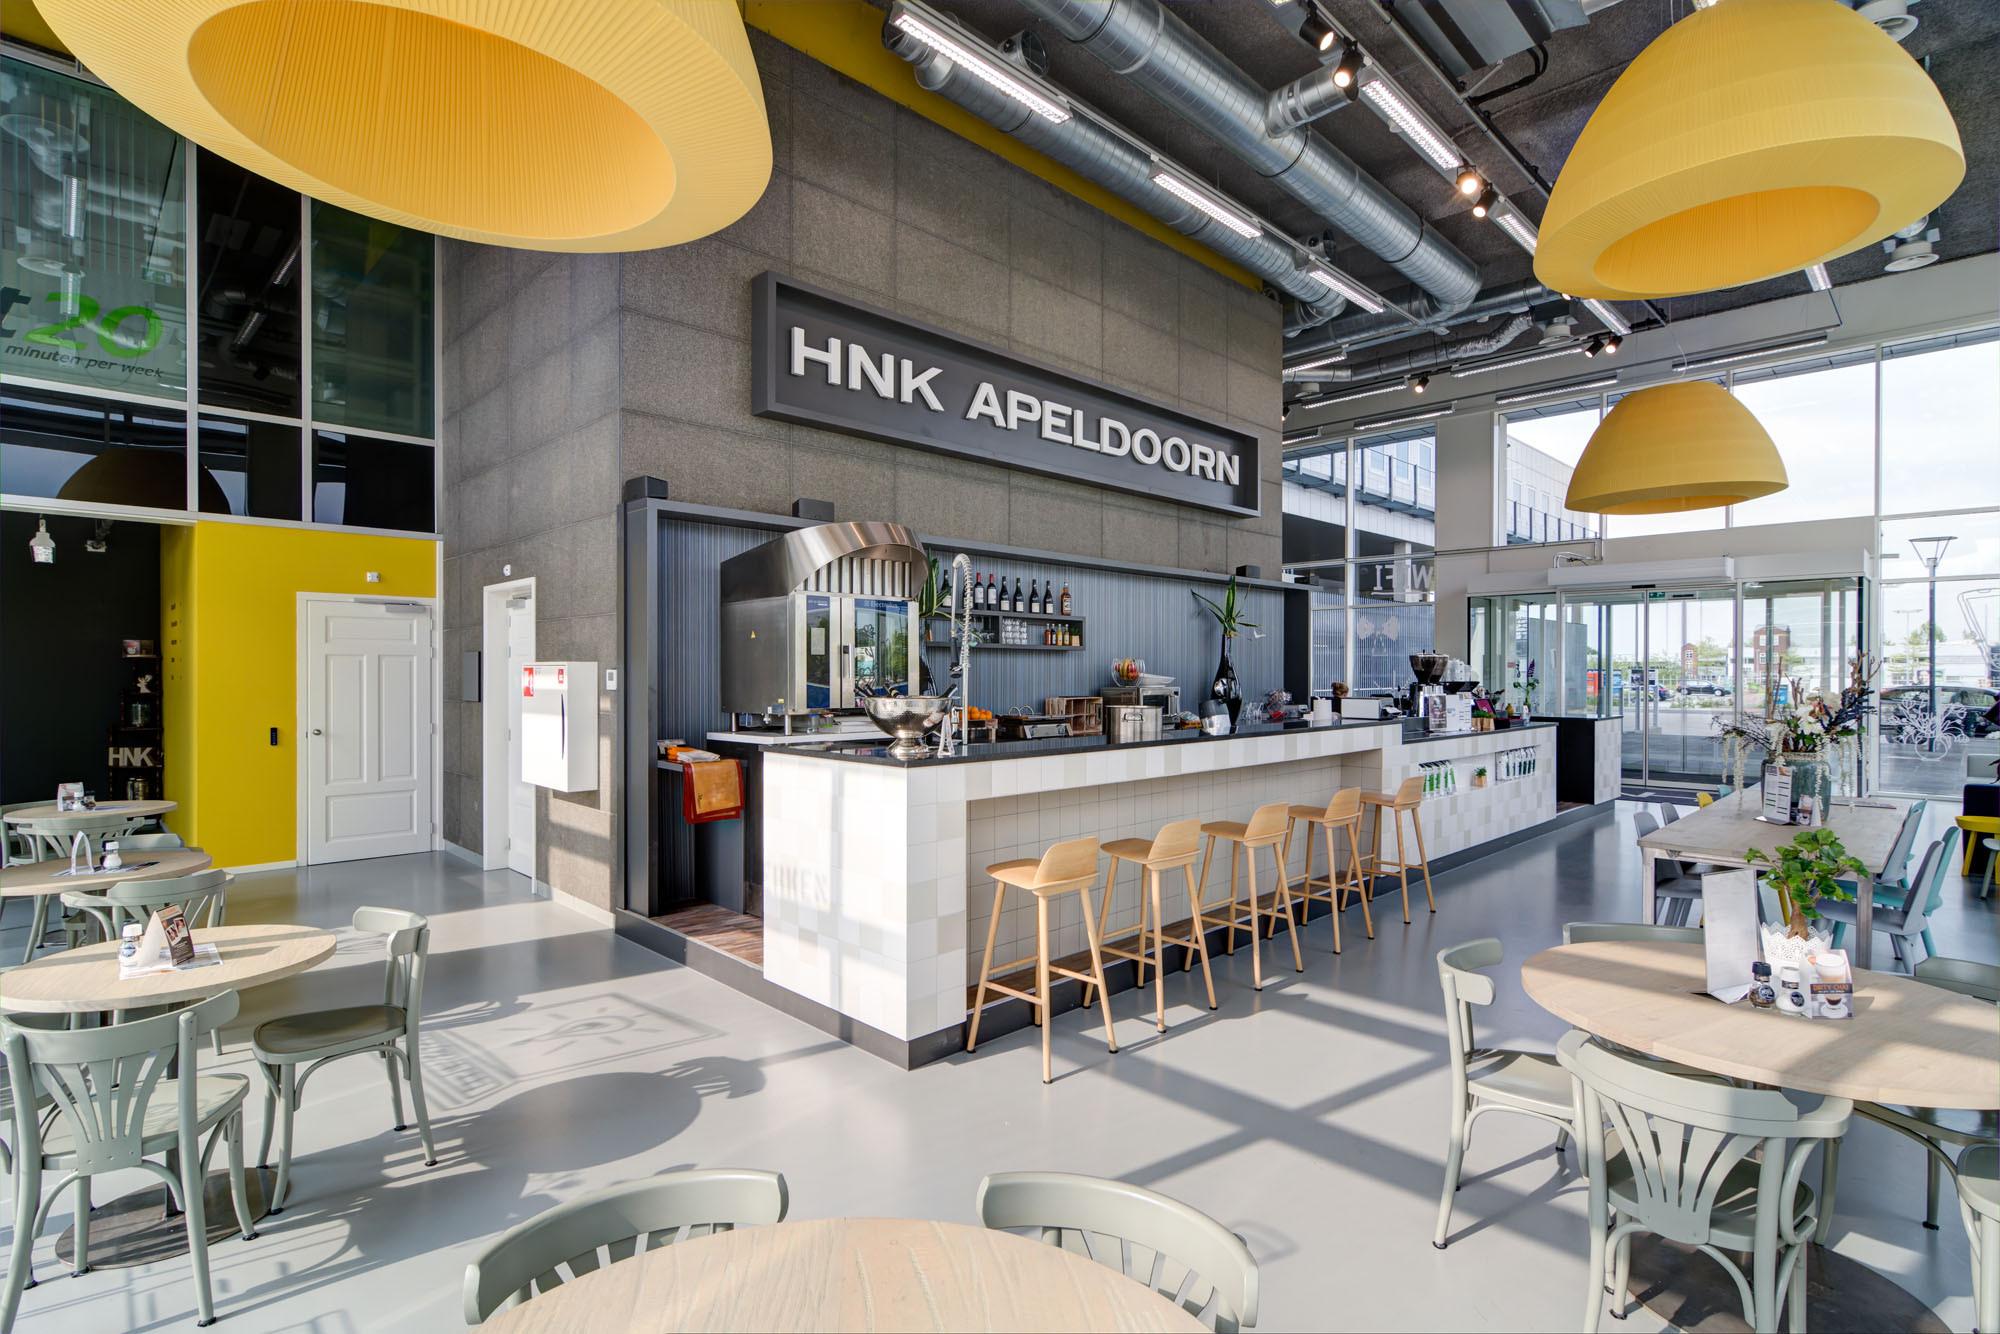 Gastronomie HNK Apeldoorn.jpg